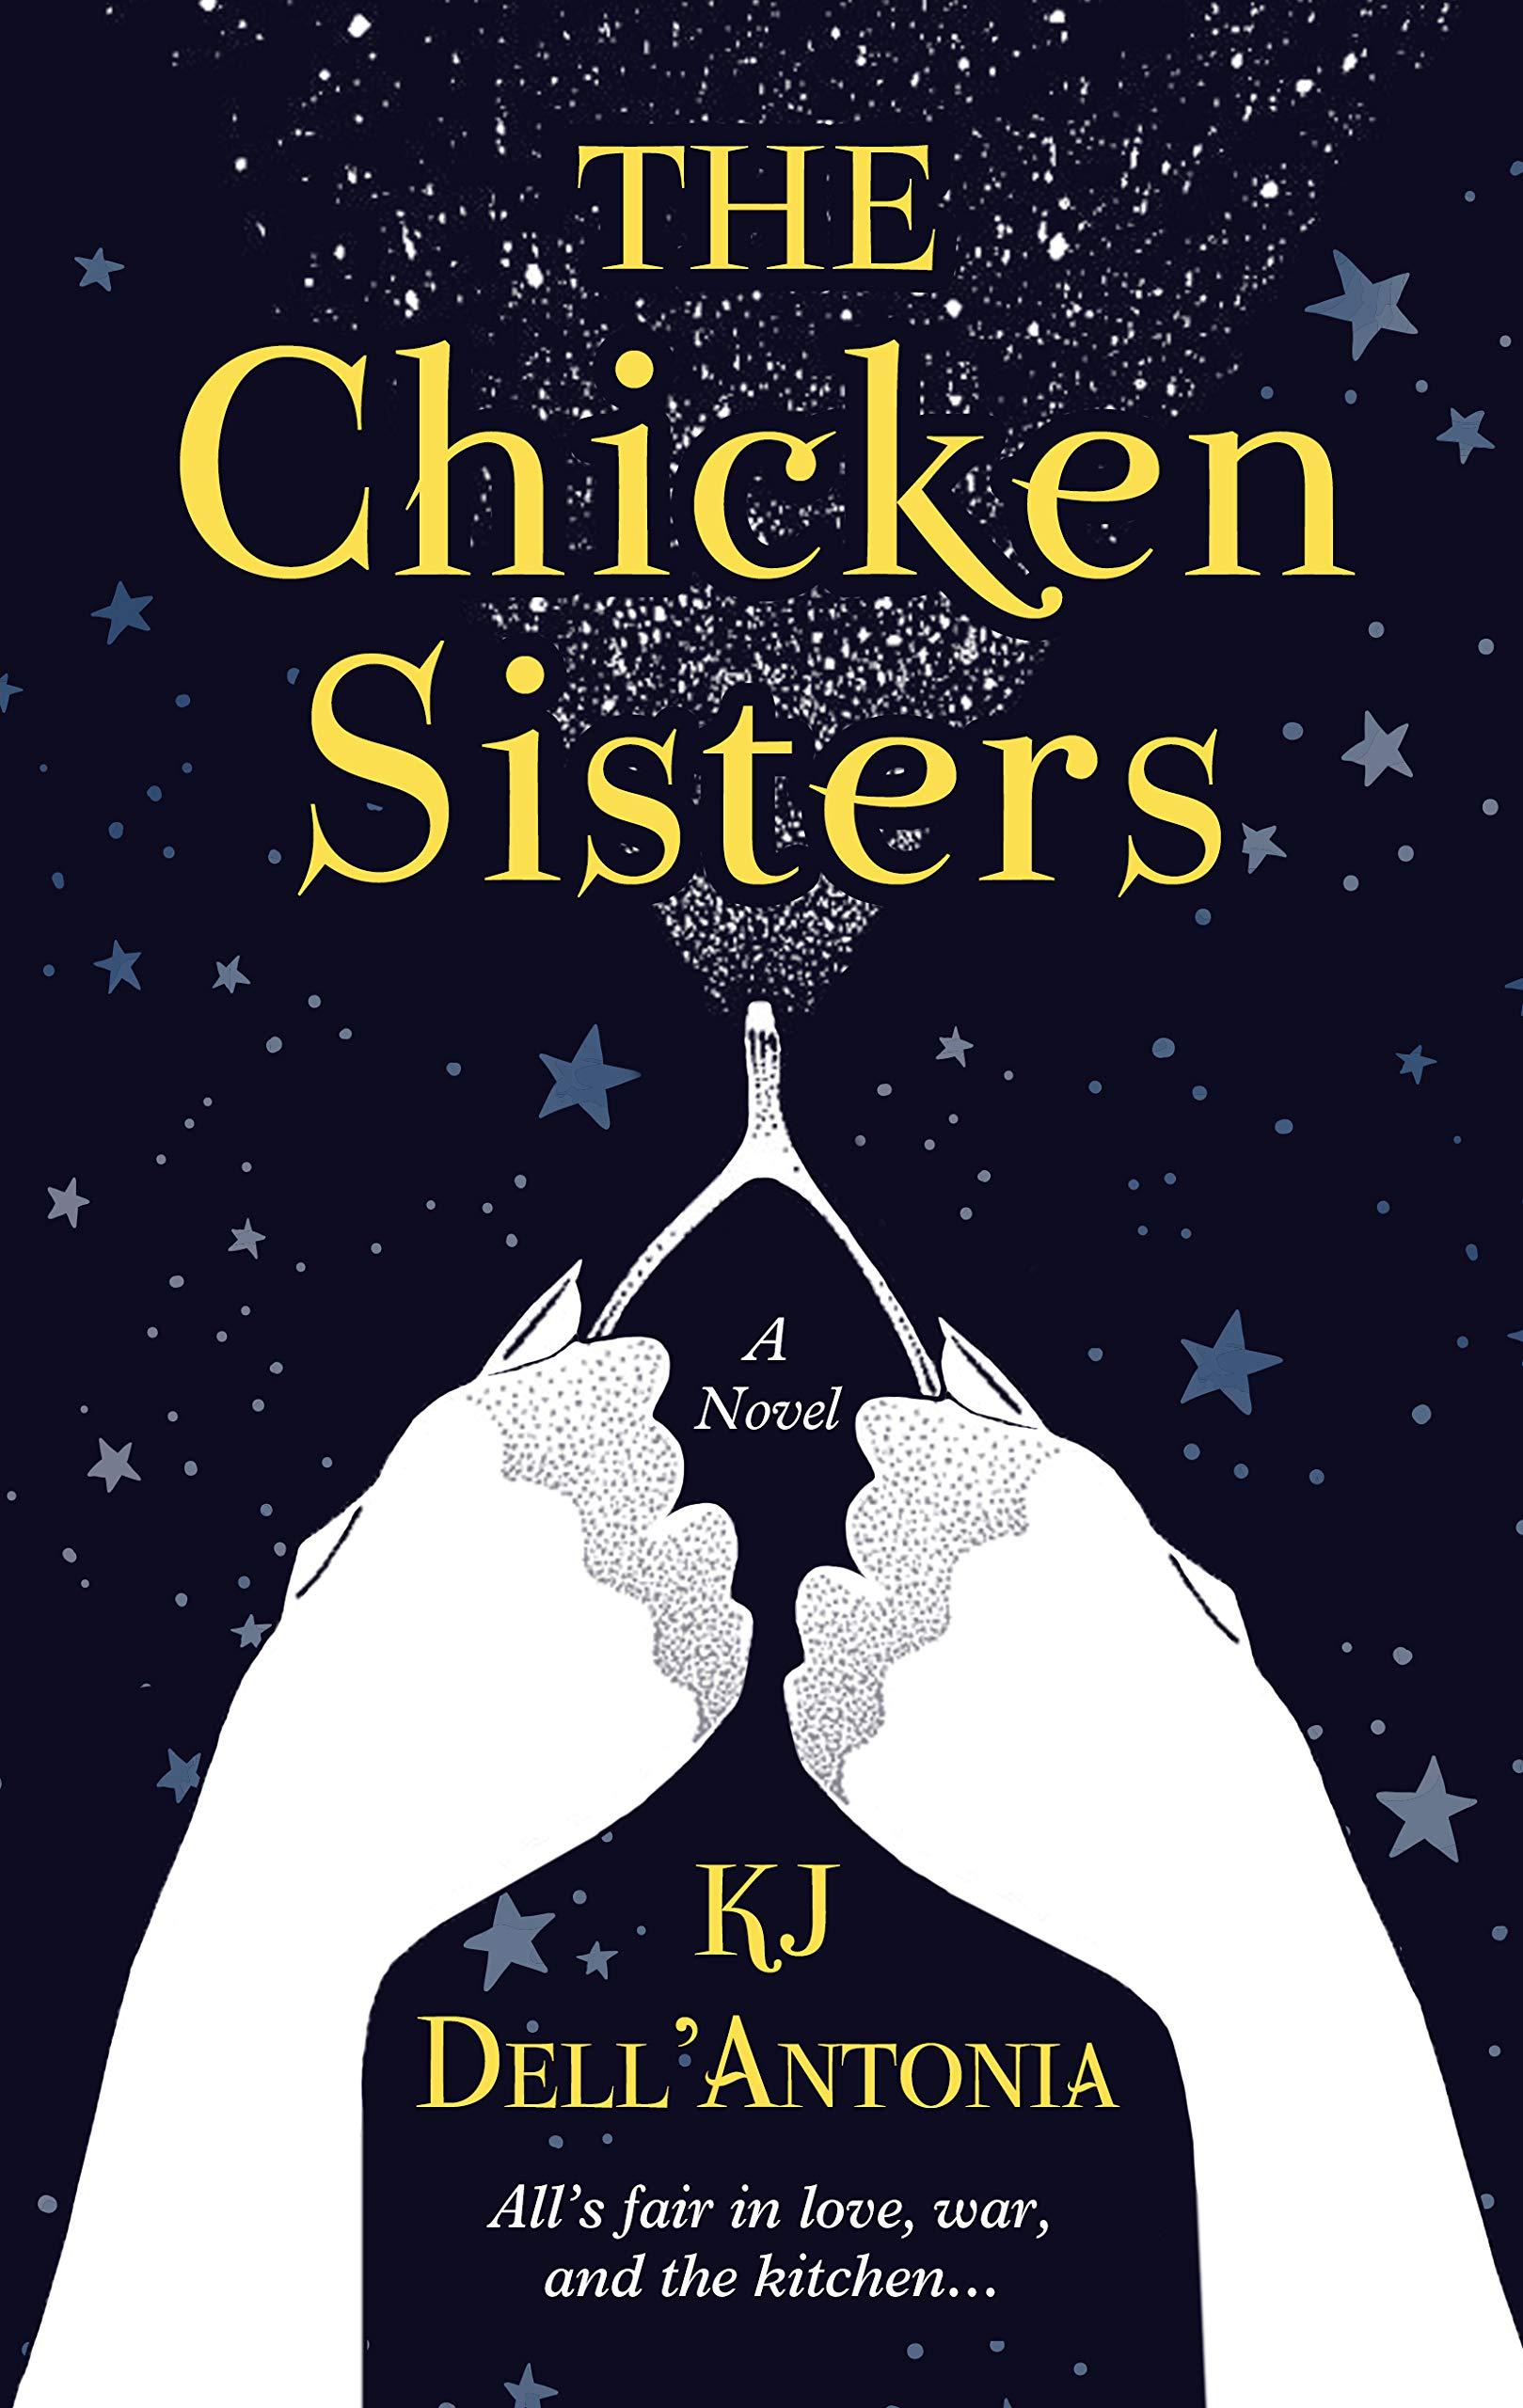 16 The Chicken Sisters Dell'Antonia, KJ 10 Amazon.com ...